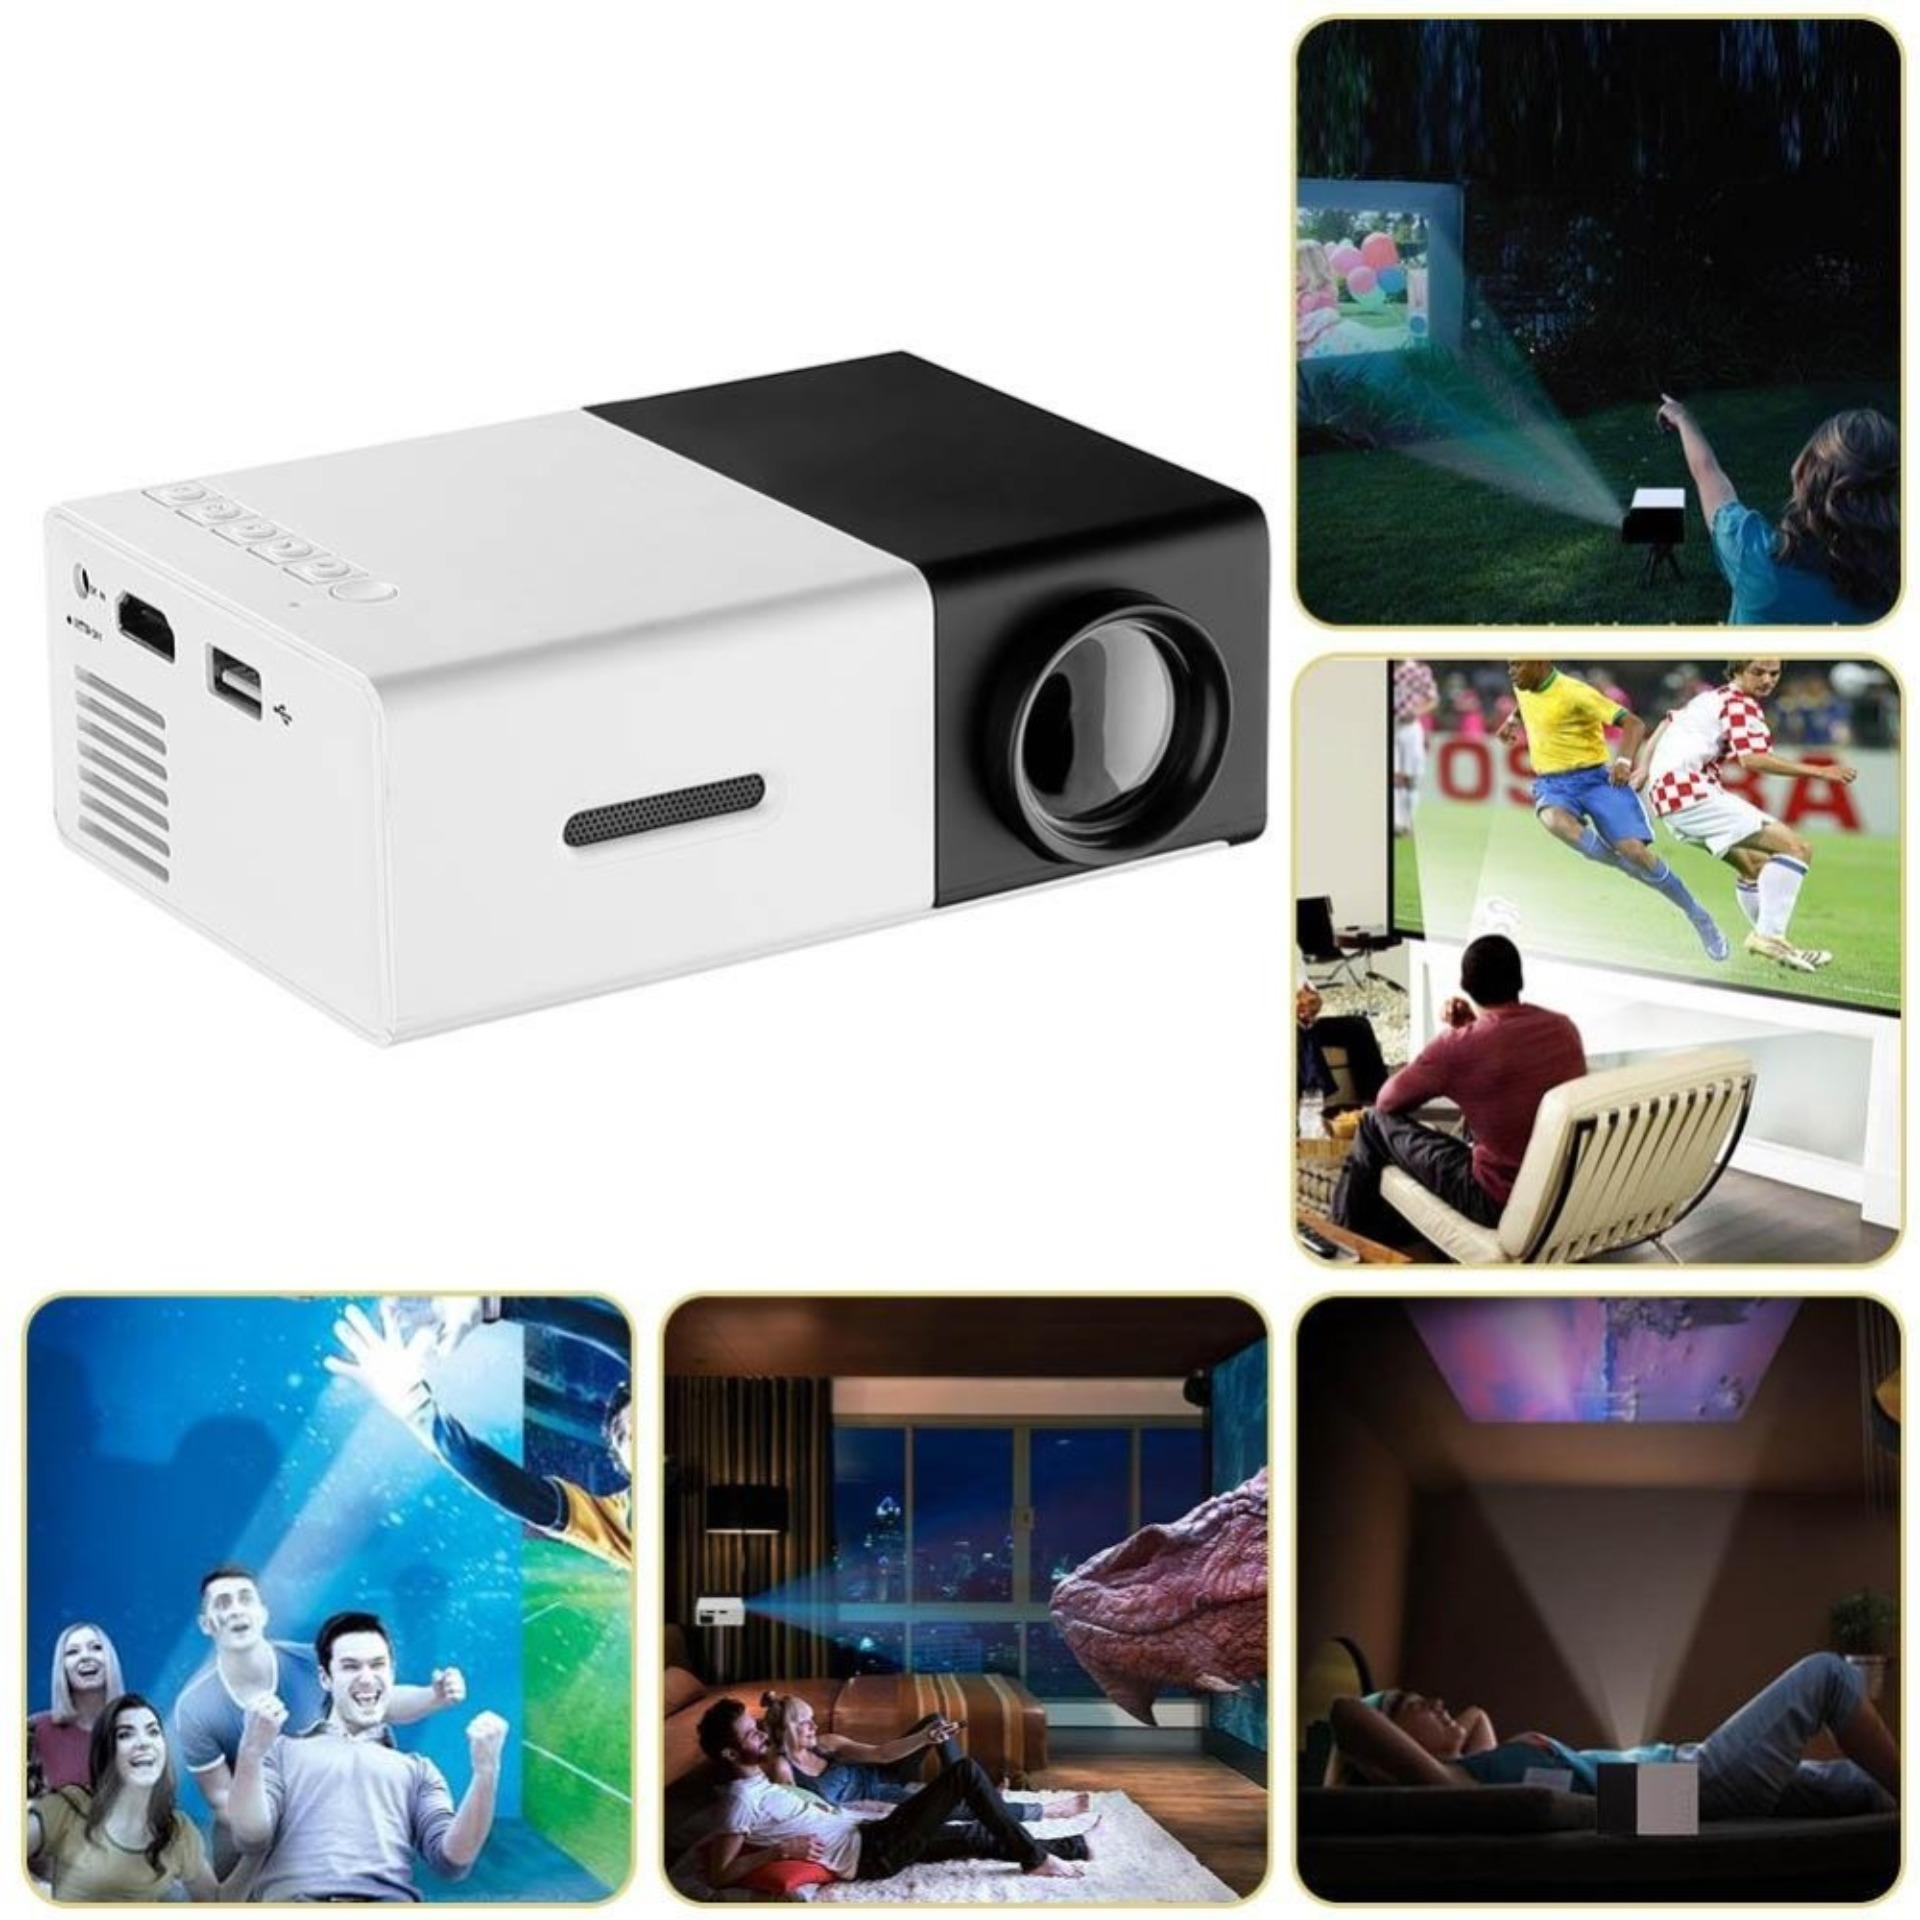 Hình ảnh Ban may chieu phim-Mua may chieu mini gia re-Galaxy K-Máy chiếu màn hình LCD TFT HD1080 YG300 MINI LED BIGSALE CHỈ NGÀY HÔM NAY